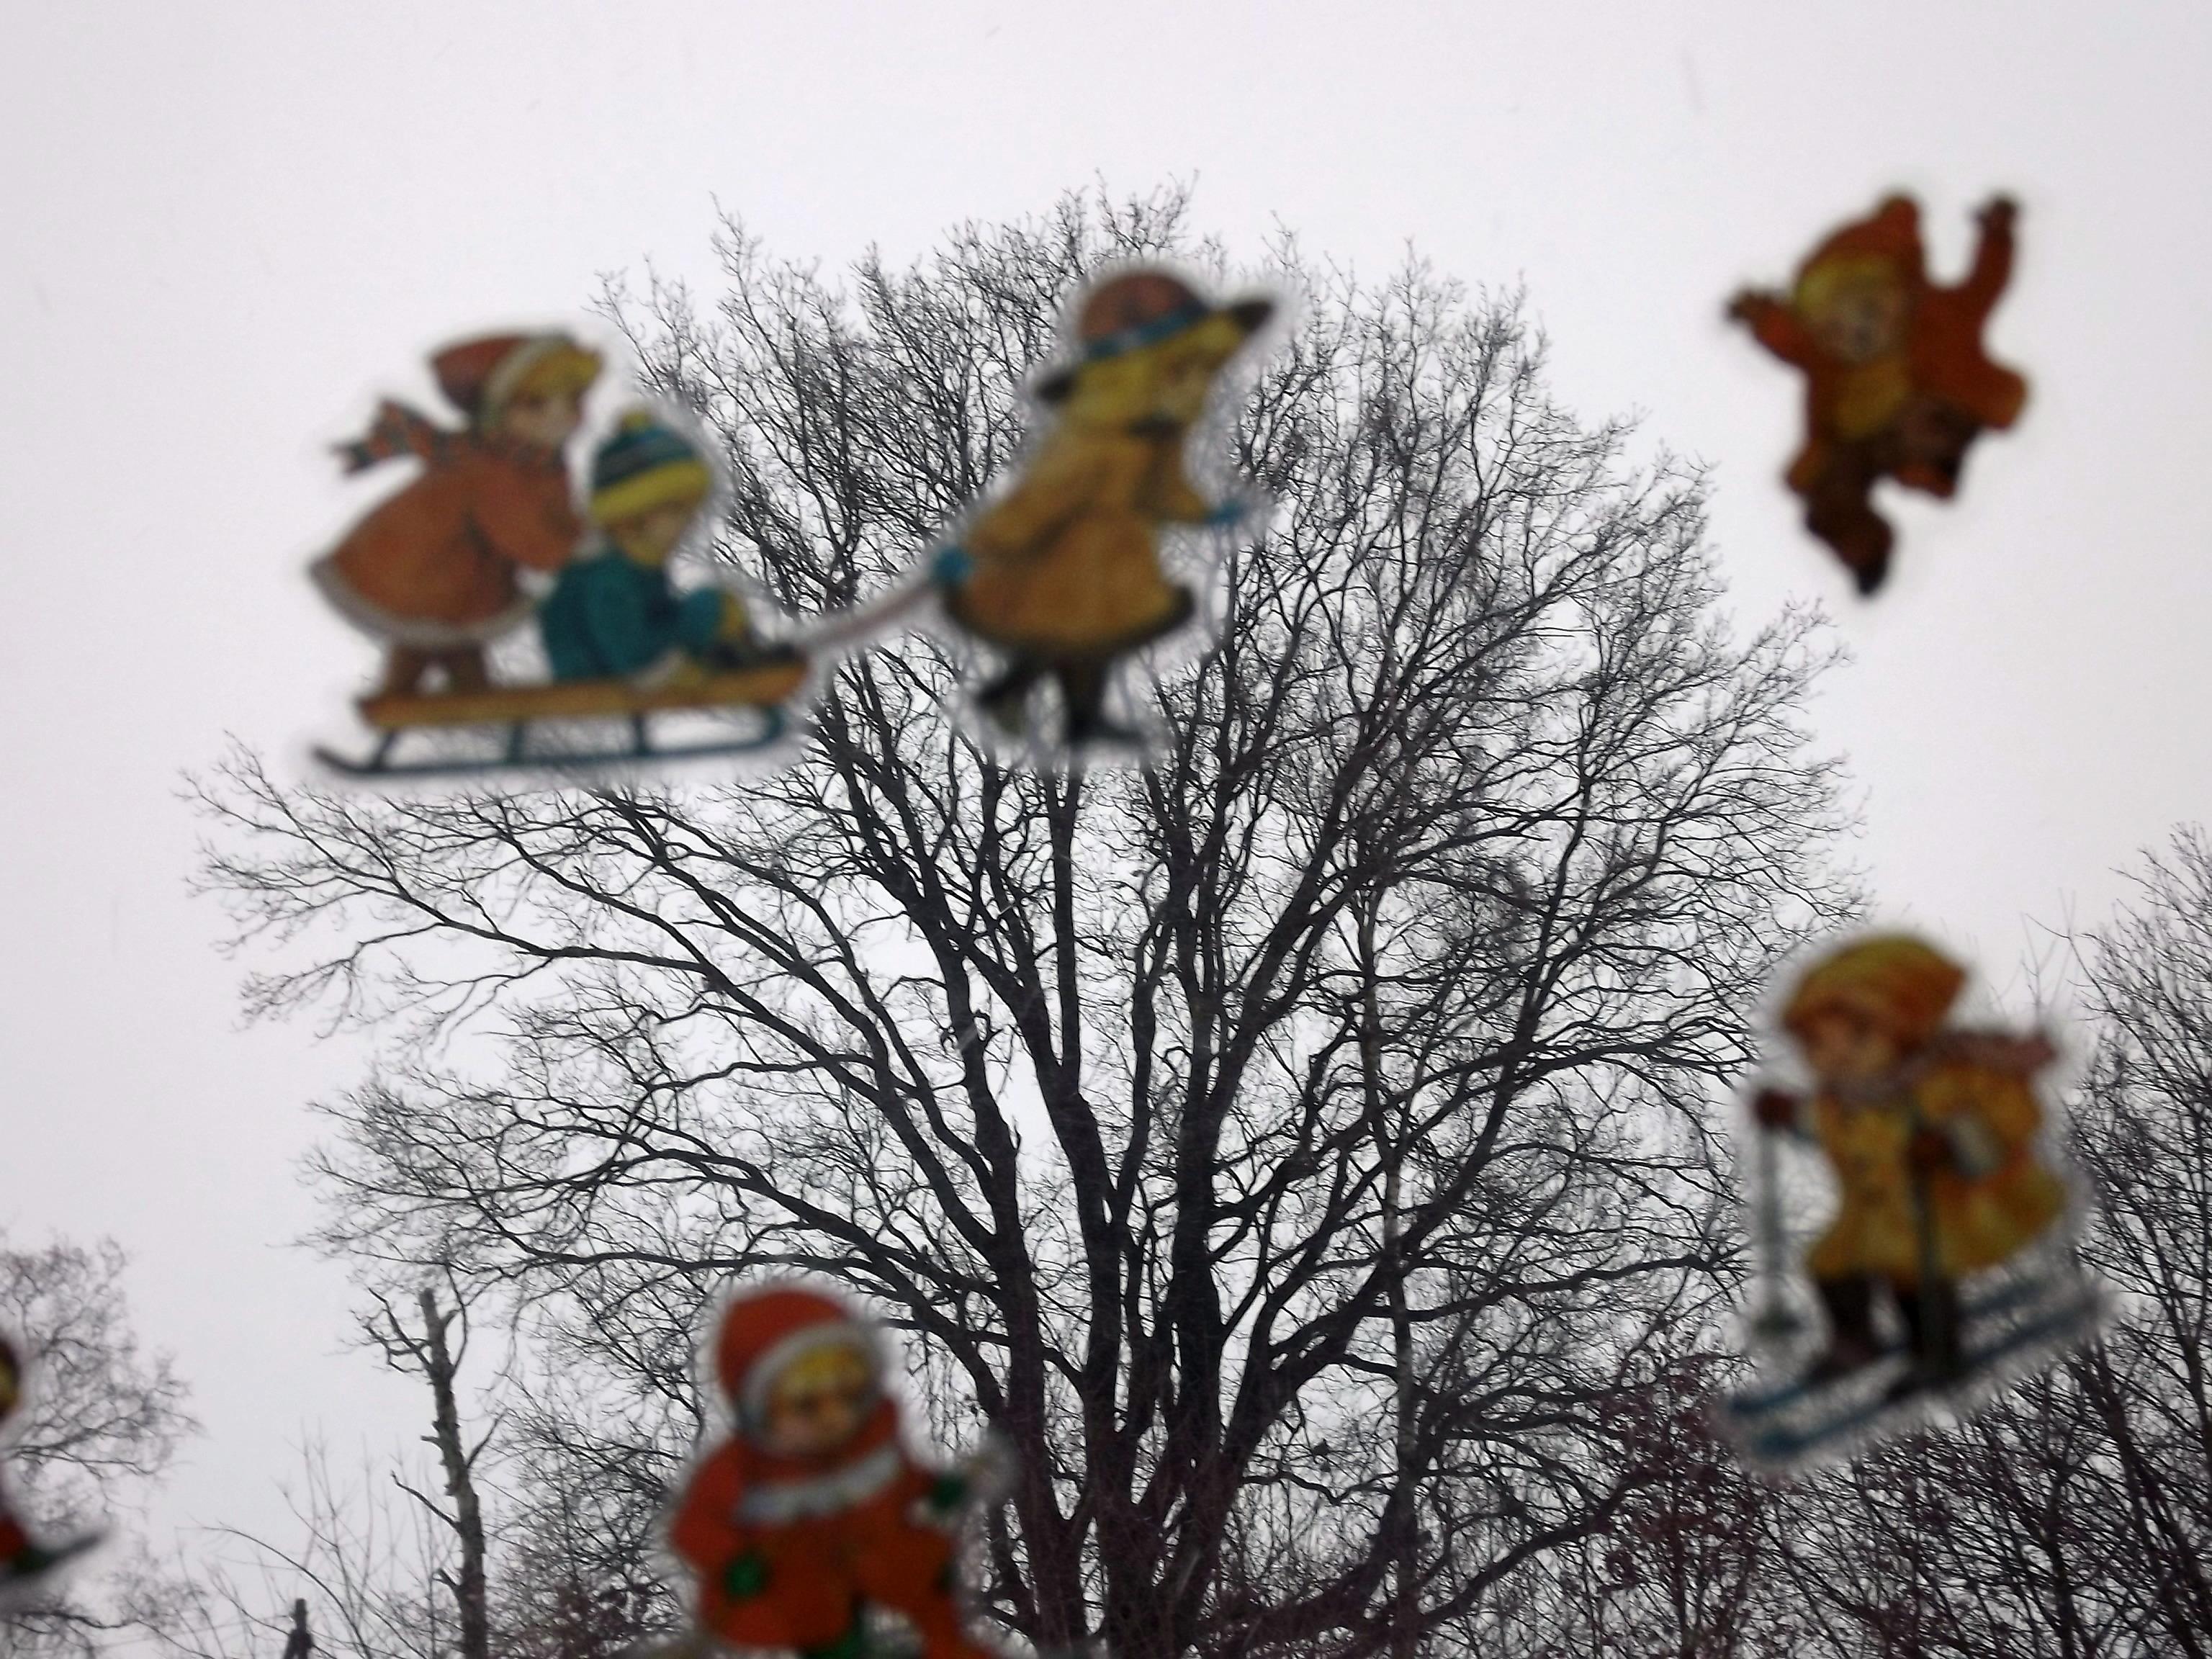 4600-winterbilder-fensterbilder-schnee